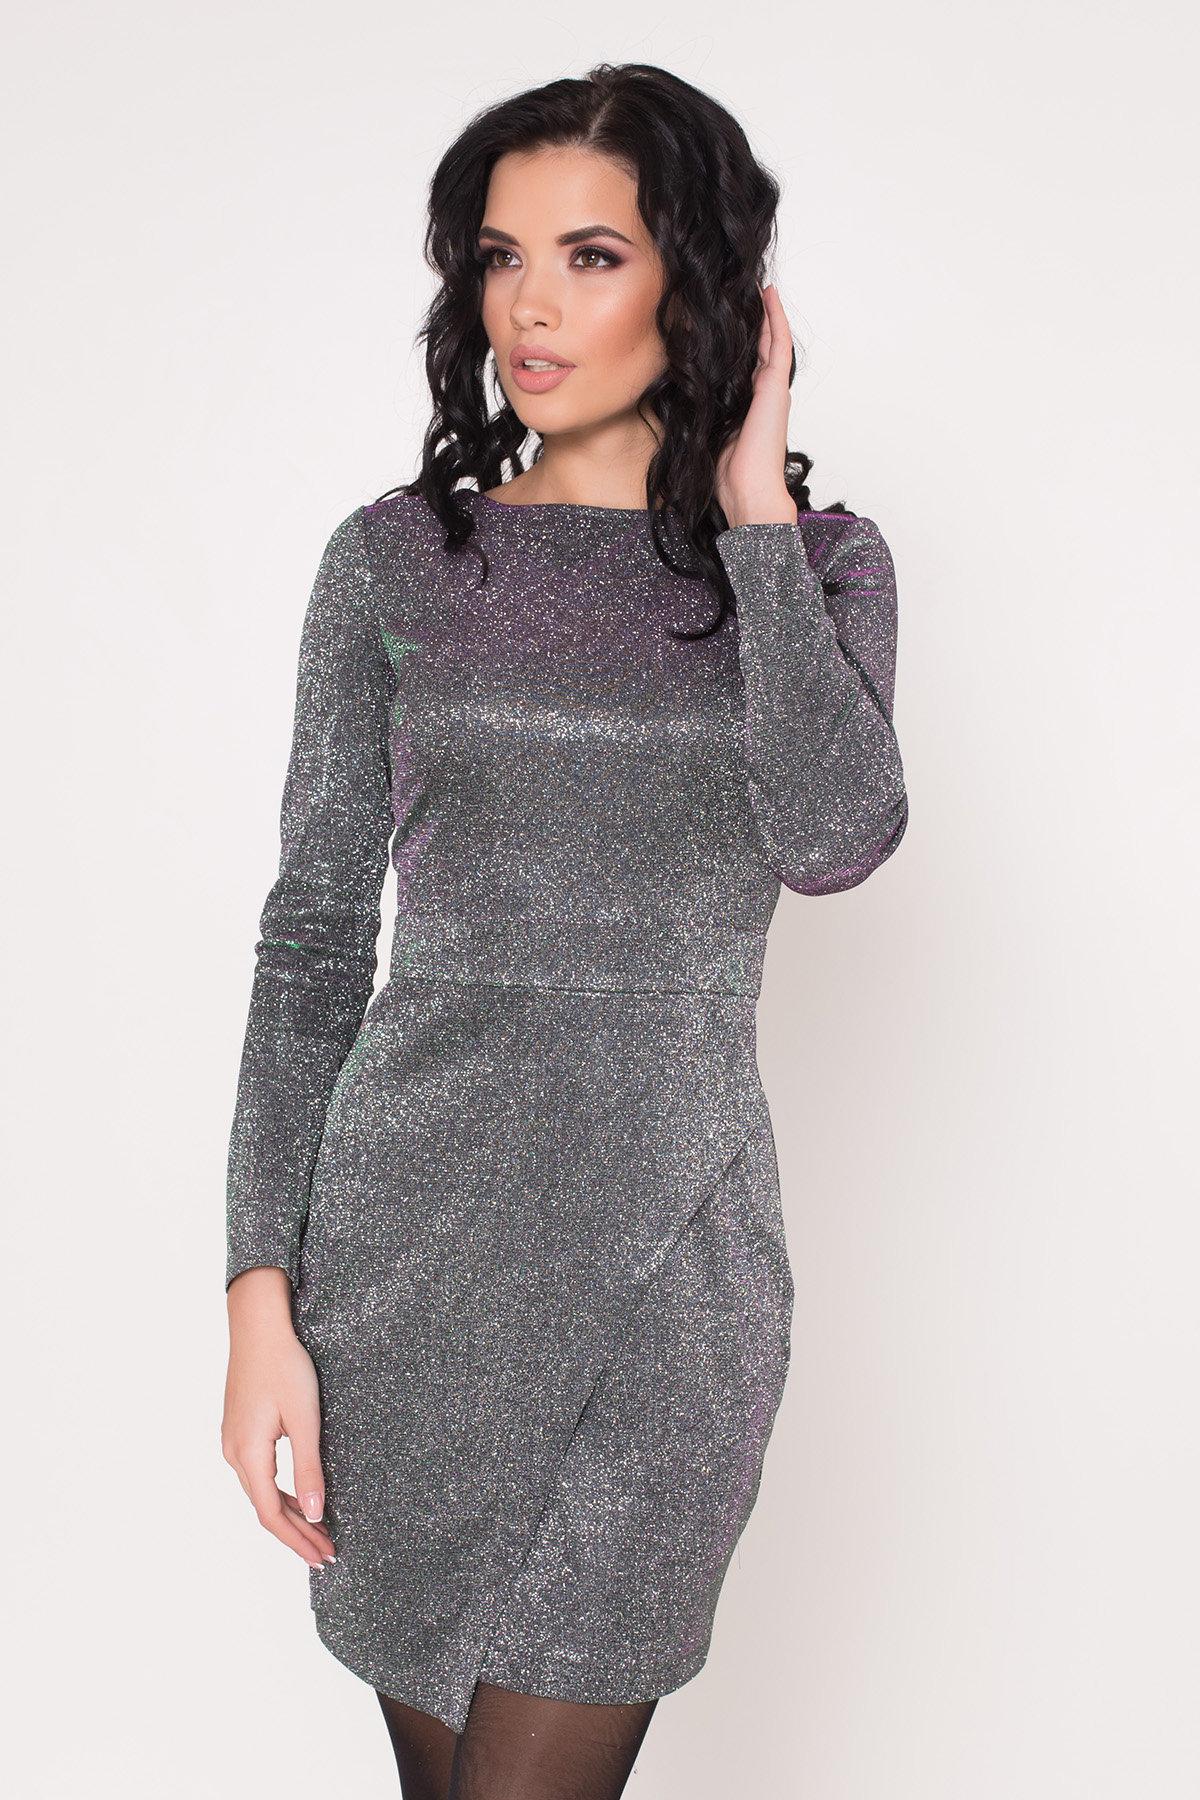 Коктейльное платье Кристал 8346 АРТ. 44902 Цвет: Серебро/изумруд/розовый - фото 5, интернет магазин tm-modus.ru